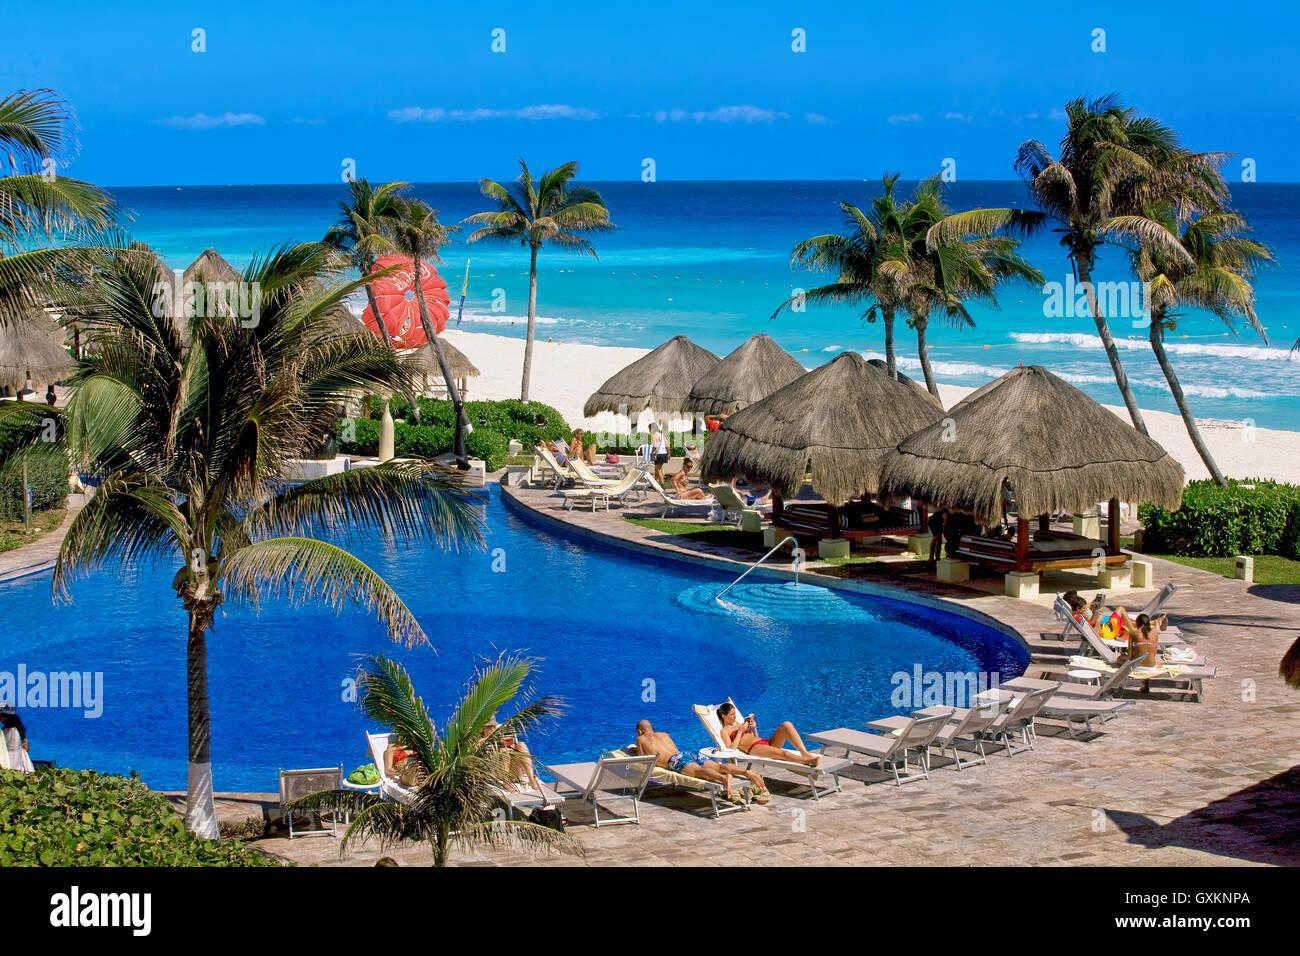 Cancun beach, Yucatan, Mexico - Stock Image